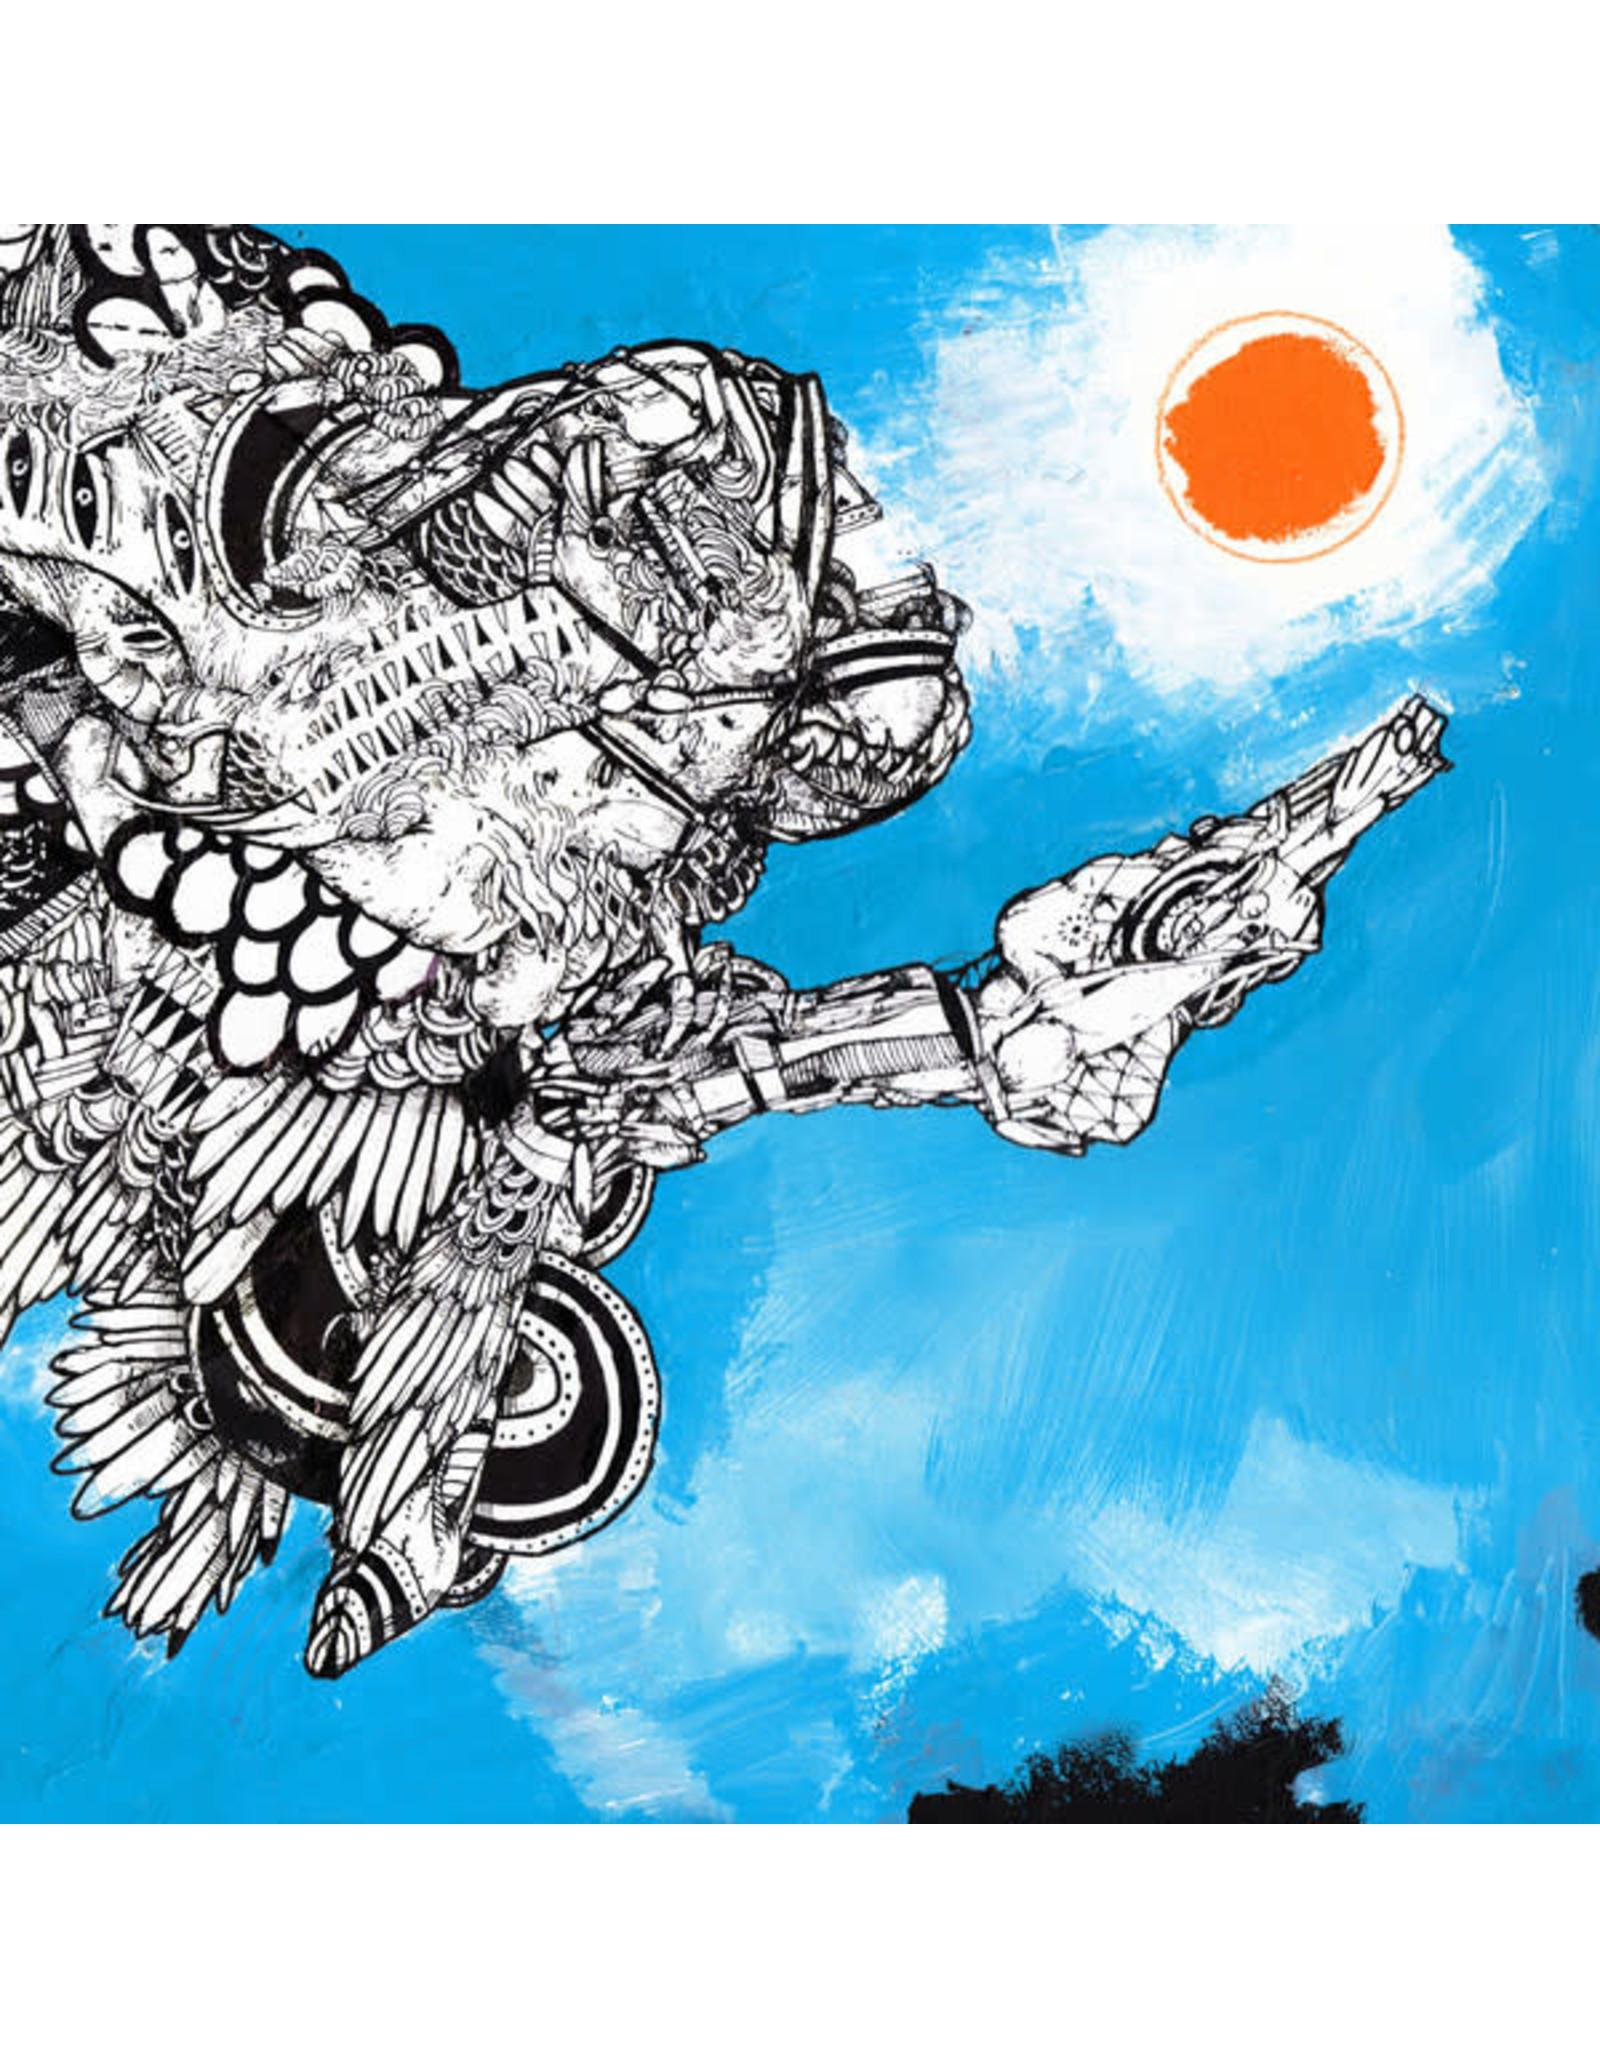 Frail Body / Infant Island / massa nera / dianacrawls – Hymnes Aux Désarrois de la Peau / Hymns For The Disarray Of Skin Cassette (Ltd. Turquoise/Black Splatter)